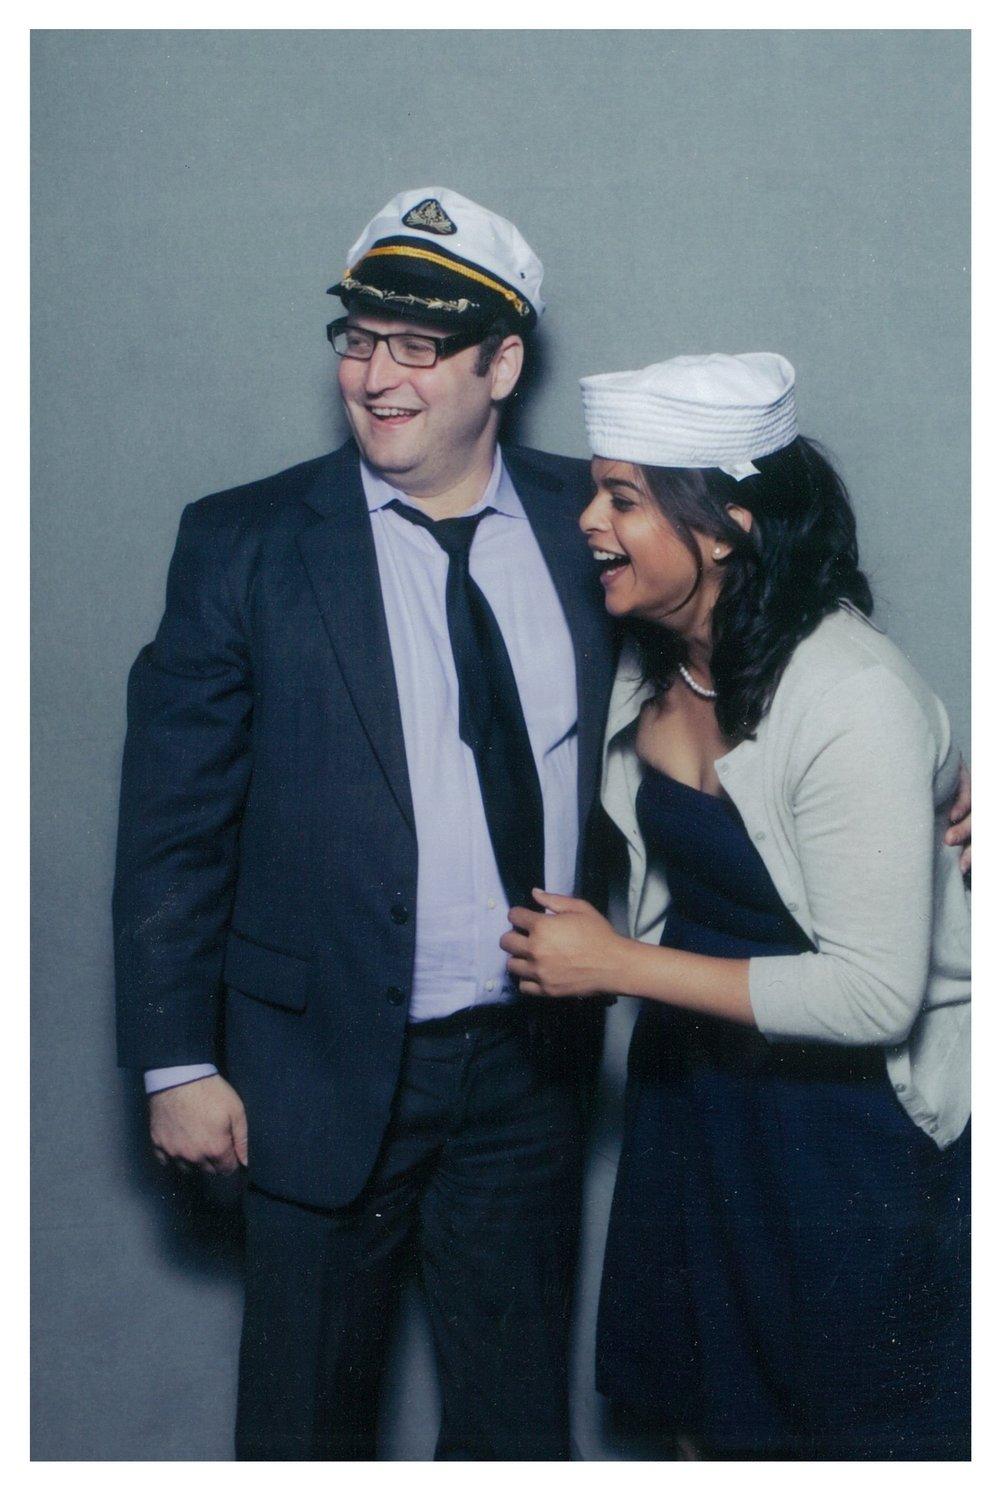 Photo booth fun at a friend's wedding